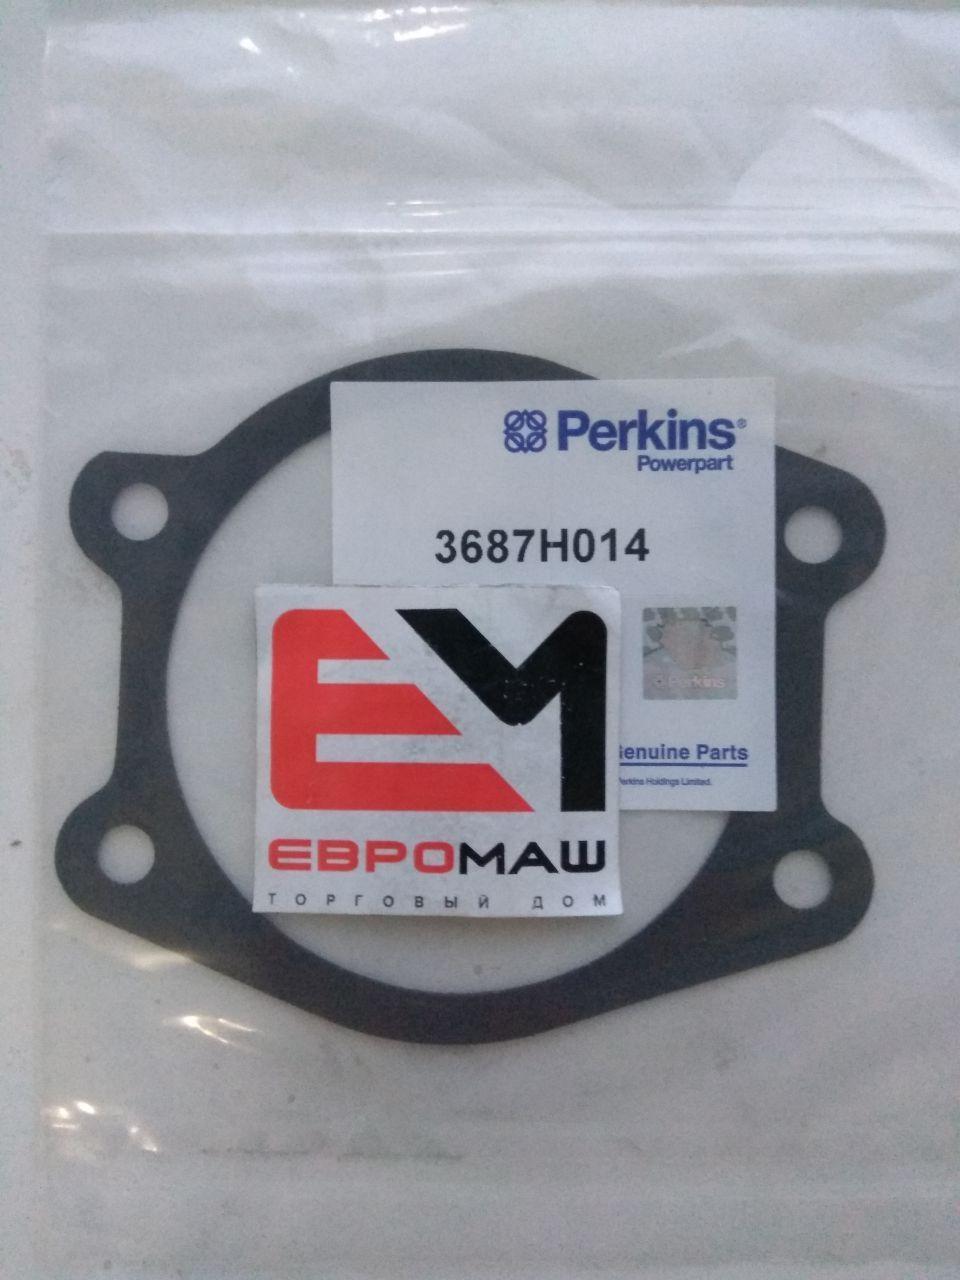 3687H014 Прокладка помпы двигателя Perkins CR81281